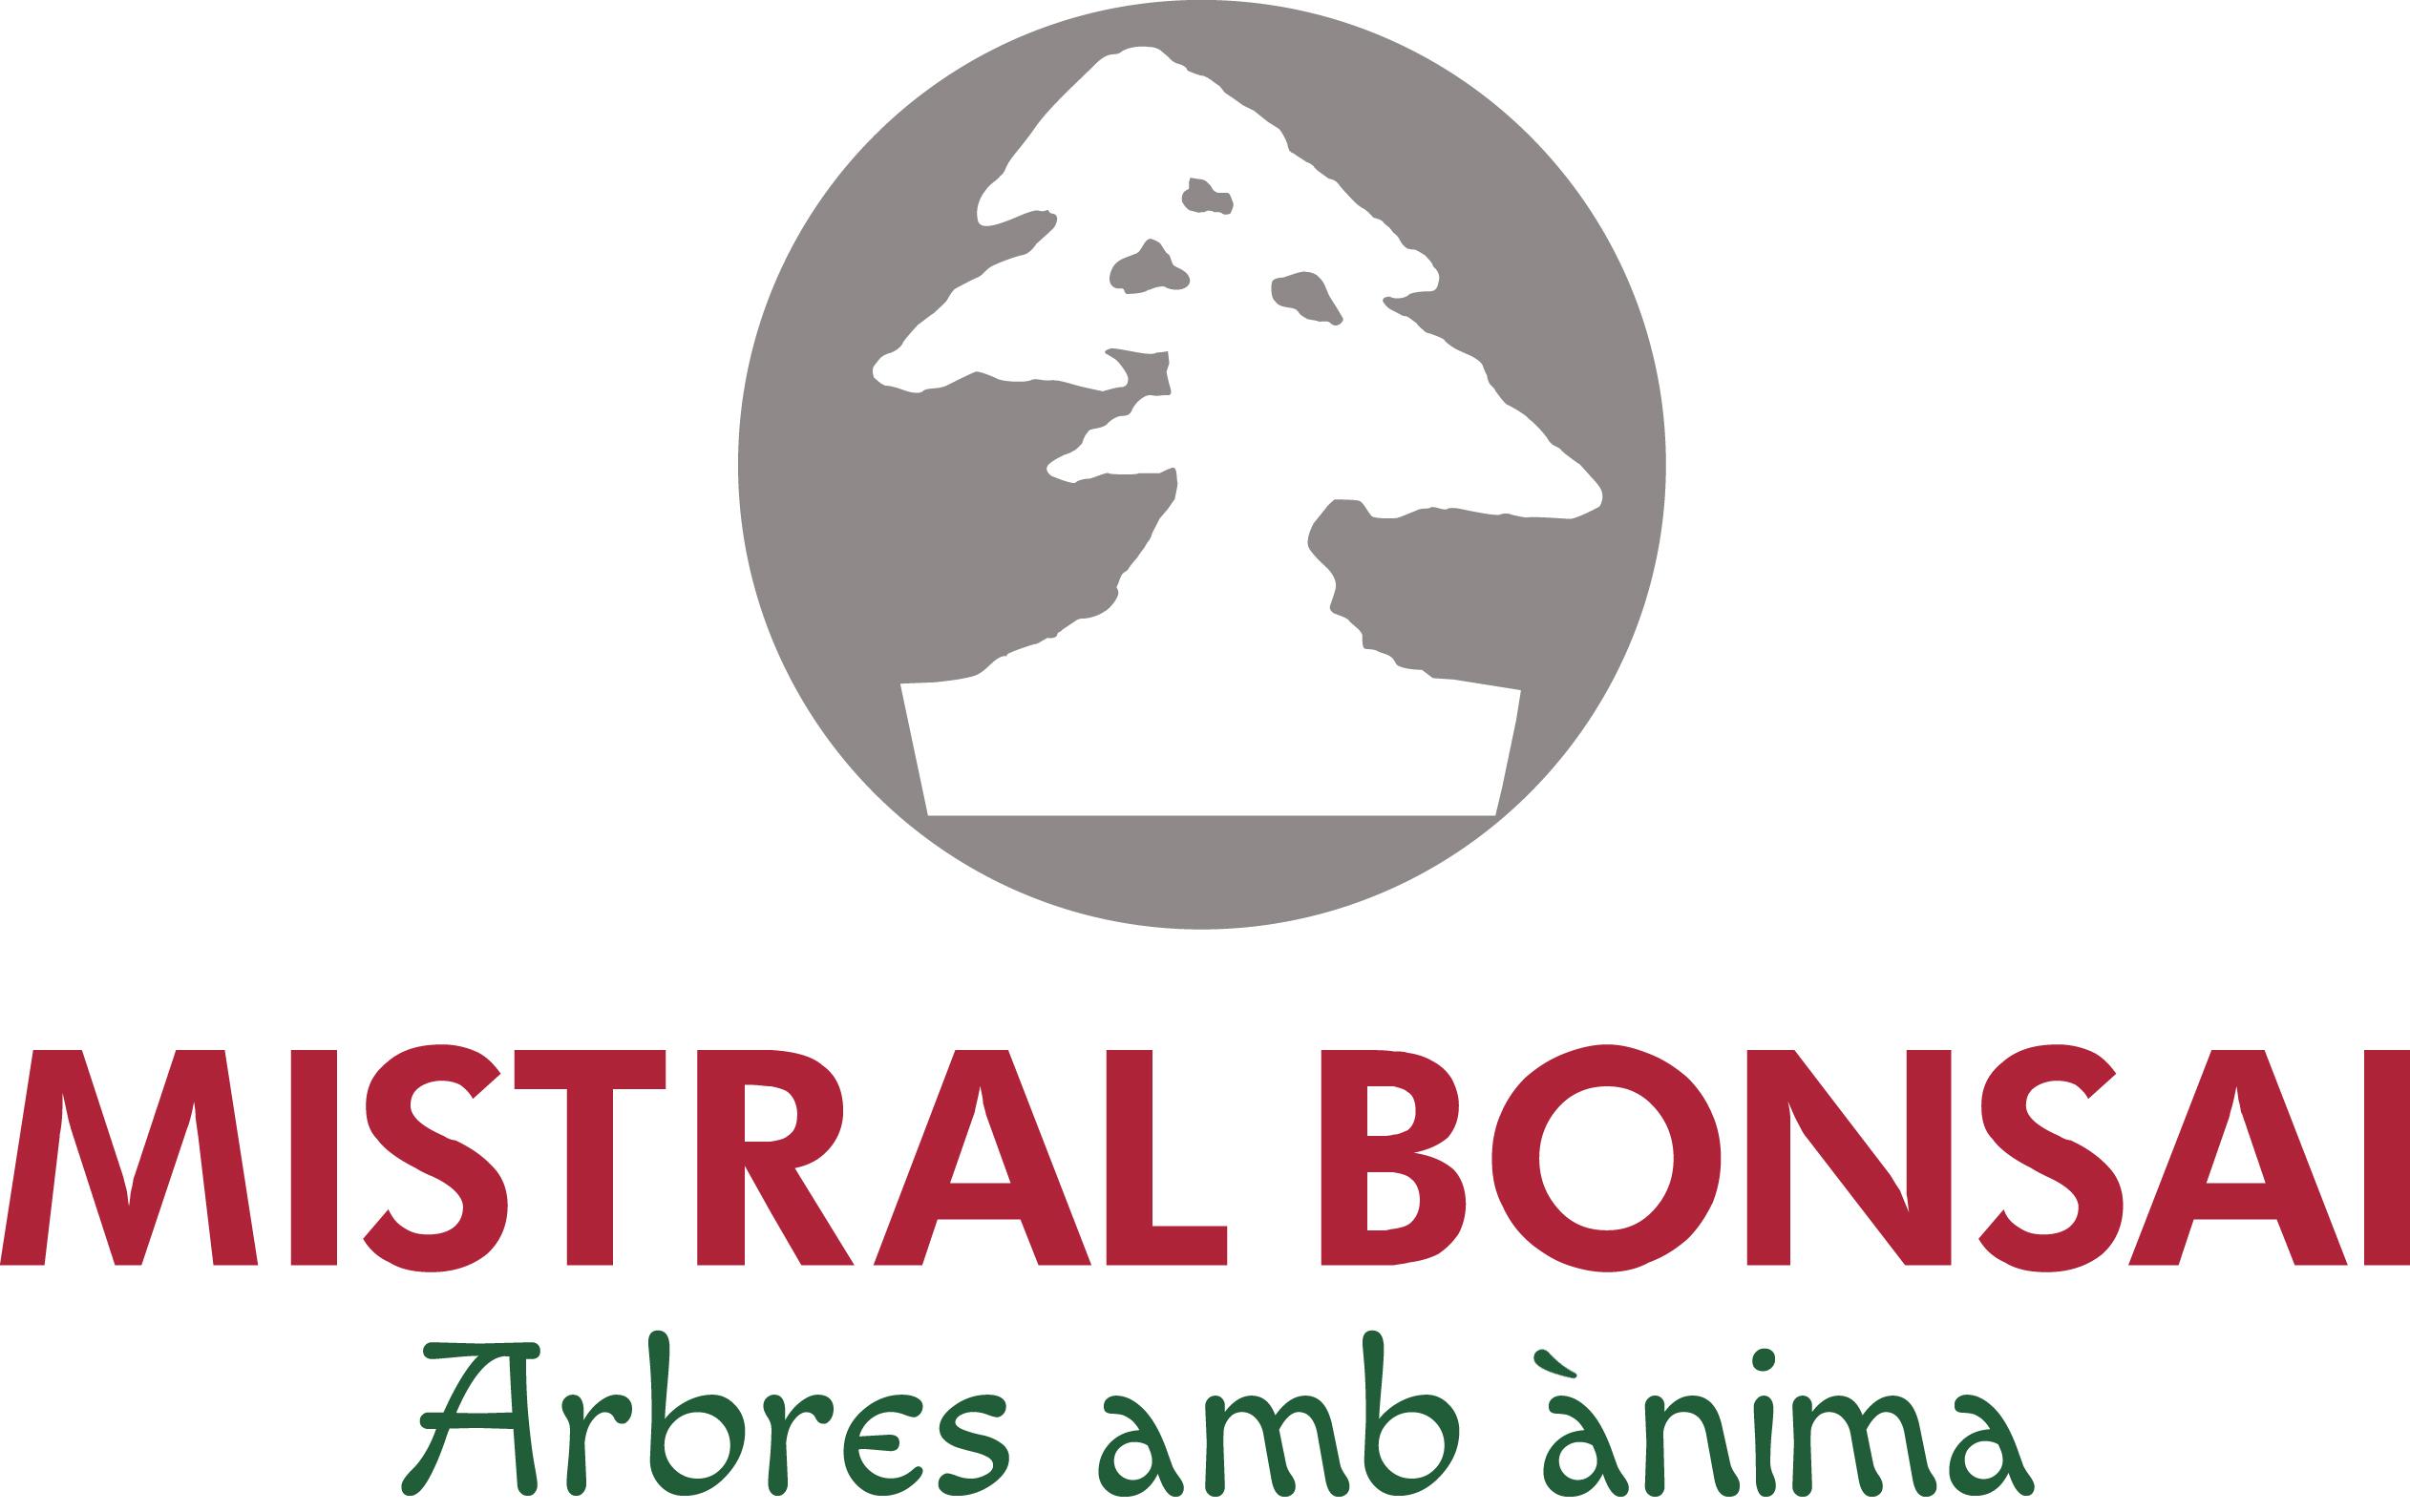 Mistral Bonsai